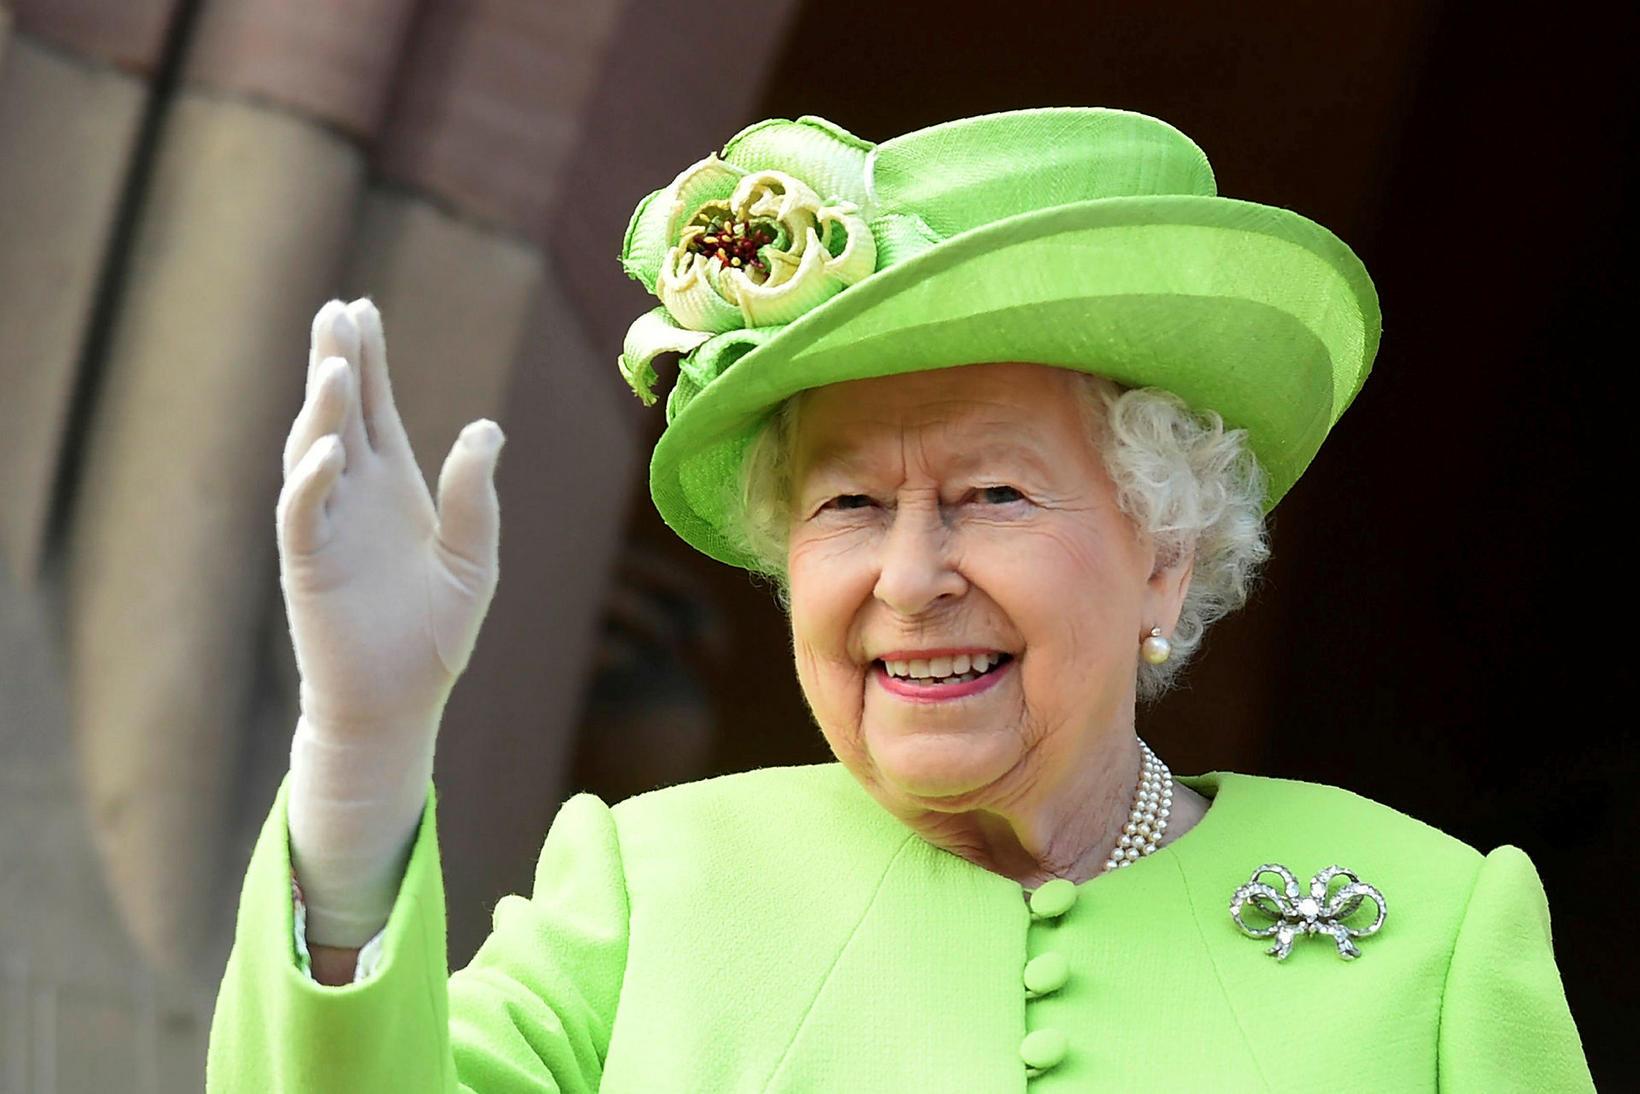 Drottningin gaf Archie langömmubarni sínu vöfflujárn í jólagjöf.